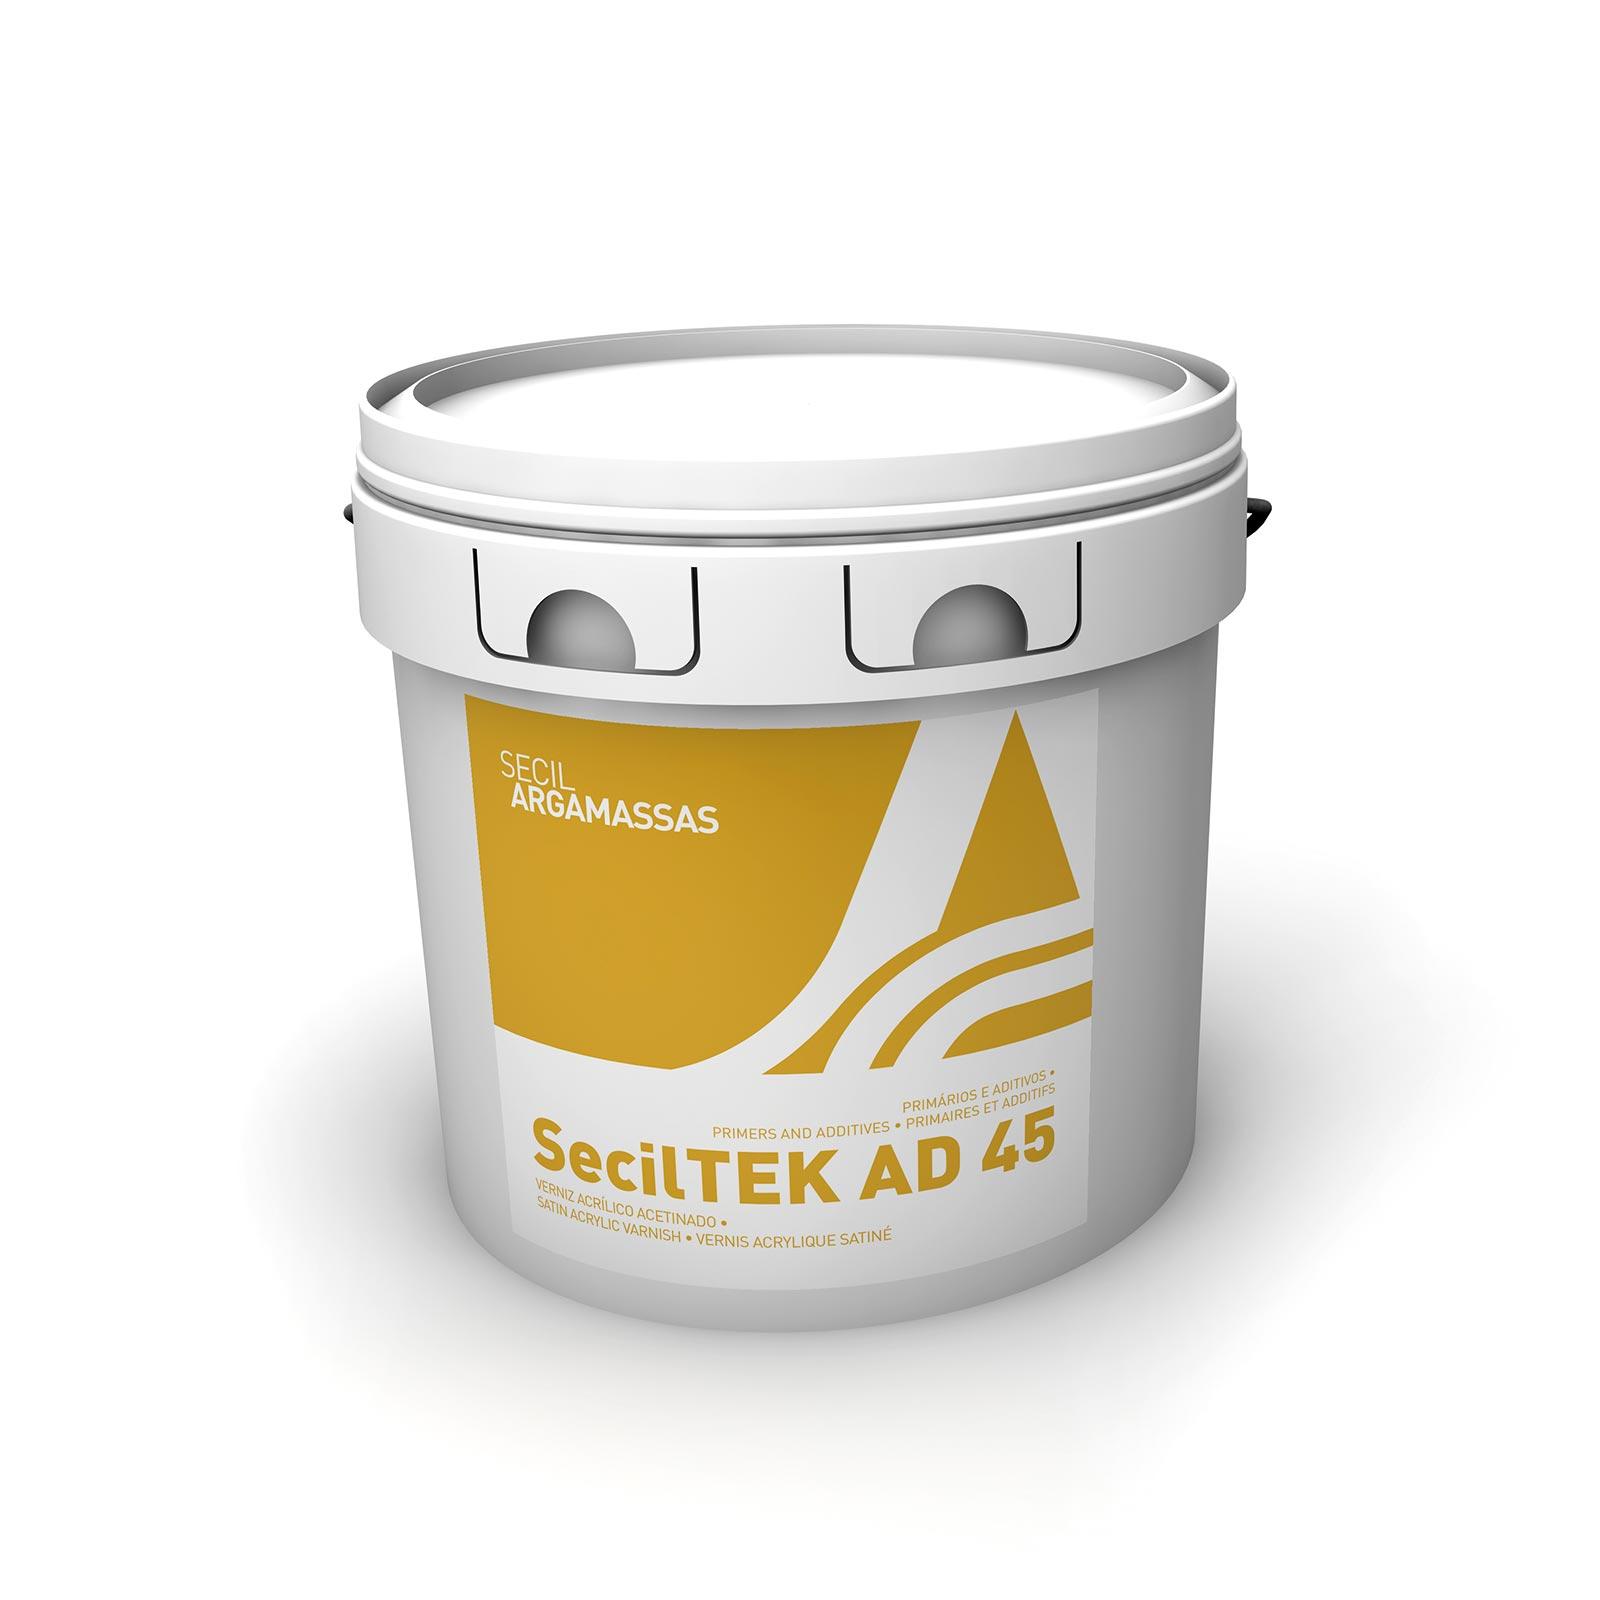 SecilTEK AD 45